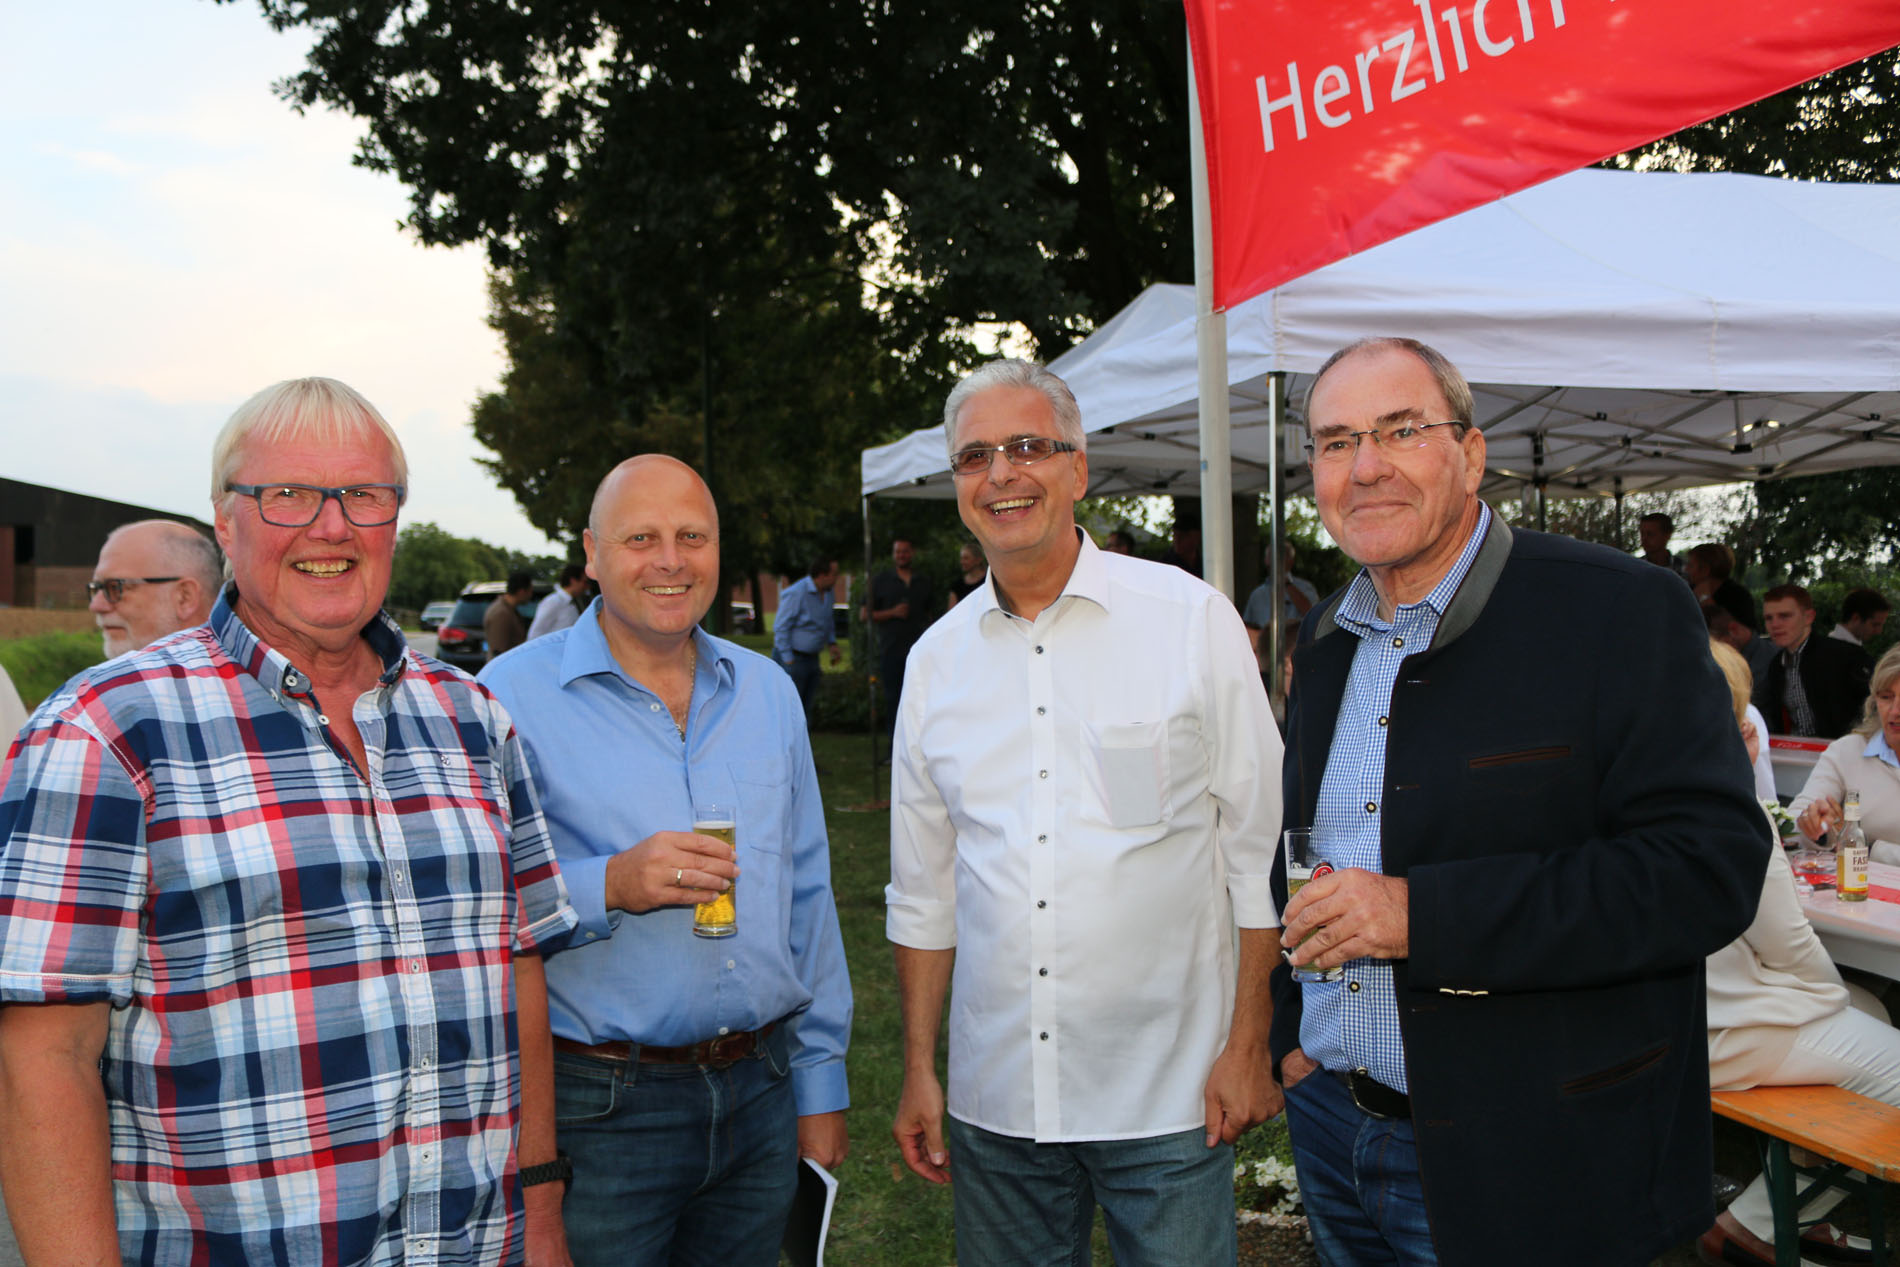 Noch während des Umtrunks war auch für den MGV deutlich, dass die Überraschung gelungen ist: Hans Erdmann (Kassierer), Manfred Speuser (Vorsitzender), Jürgen Olscher und Gerd Roß waren begeistert.